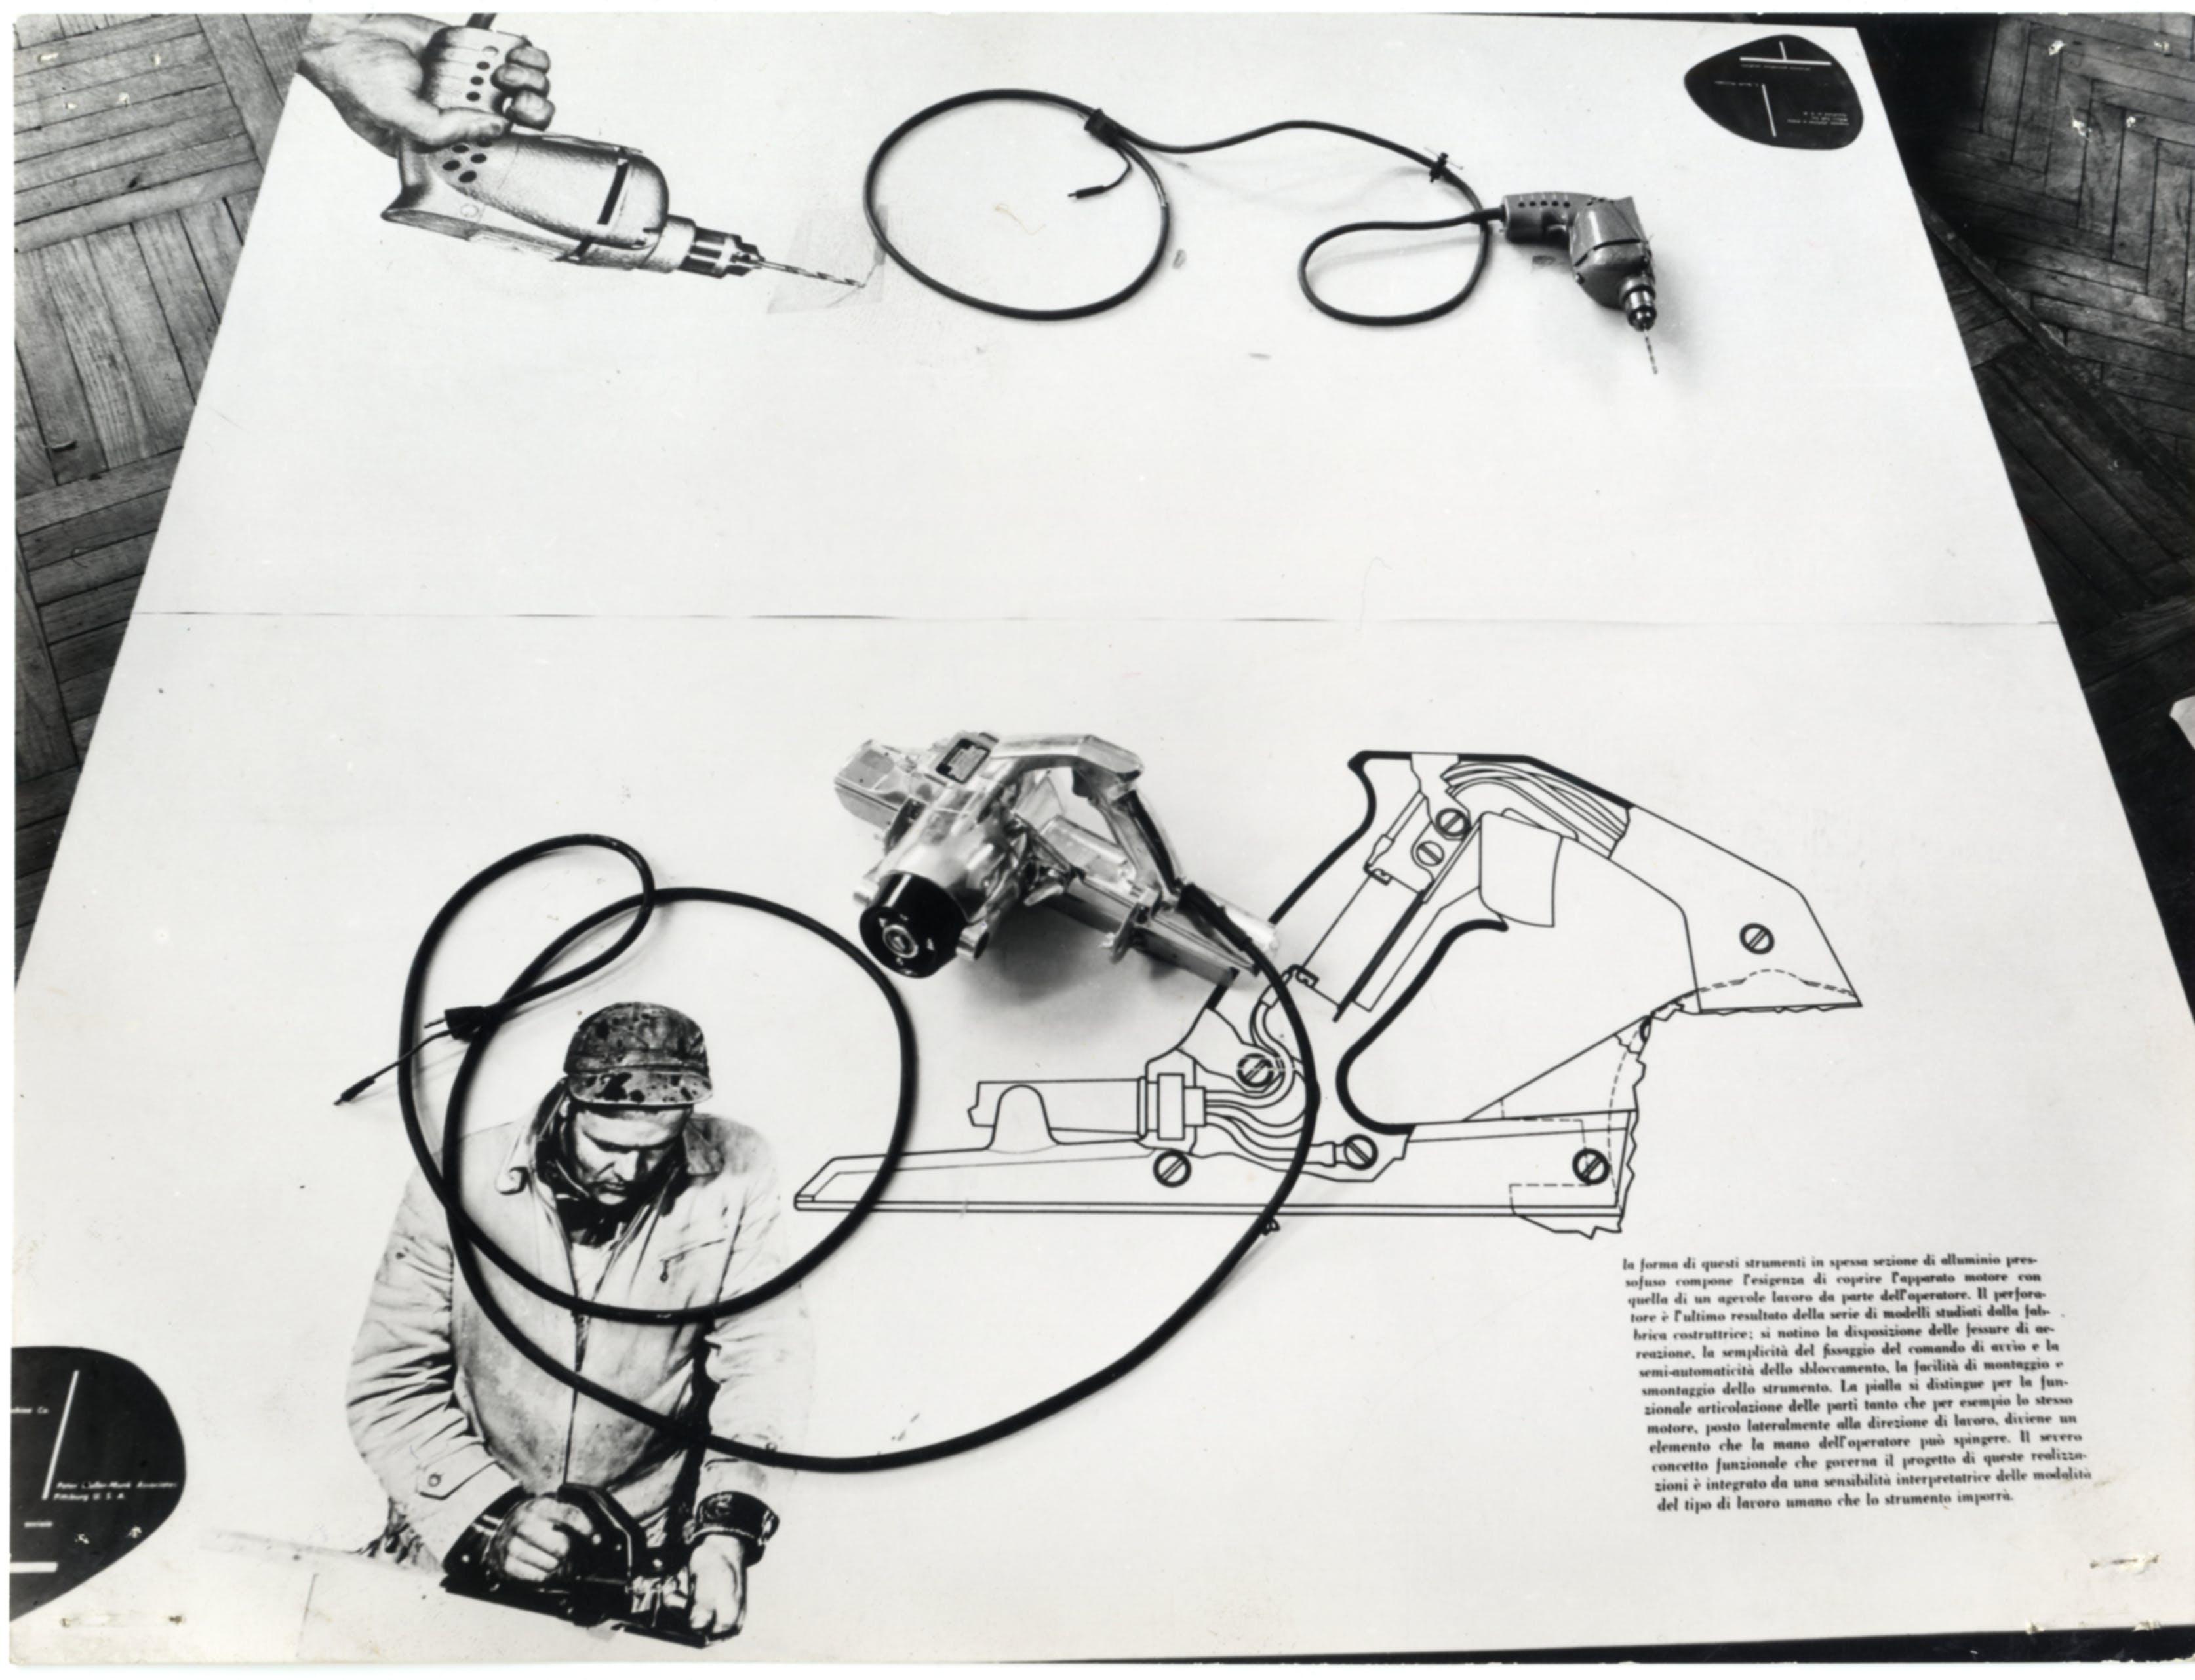 Trapano elettrico a mano, design di Leonard Garth Huxtable, produzione Miller Fall Co. Greefield (U.S.A.) esposto nella Mostra dell'industrial design. X Triennale, 1954. Foto Fotogramma © Triennale Milano